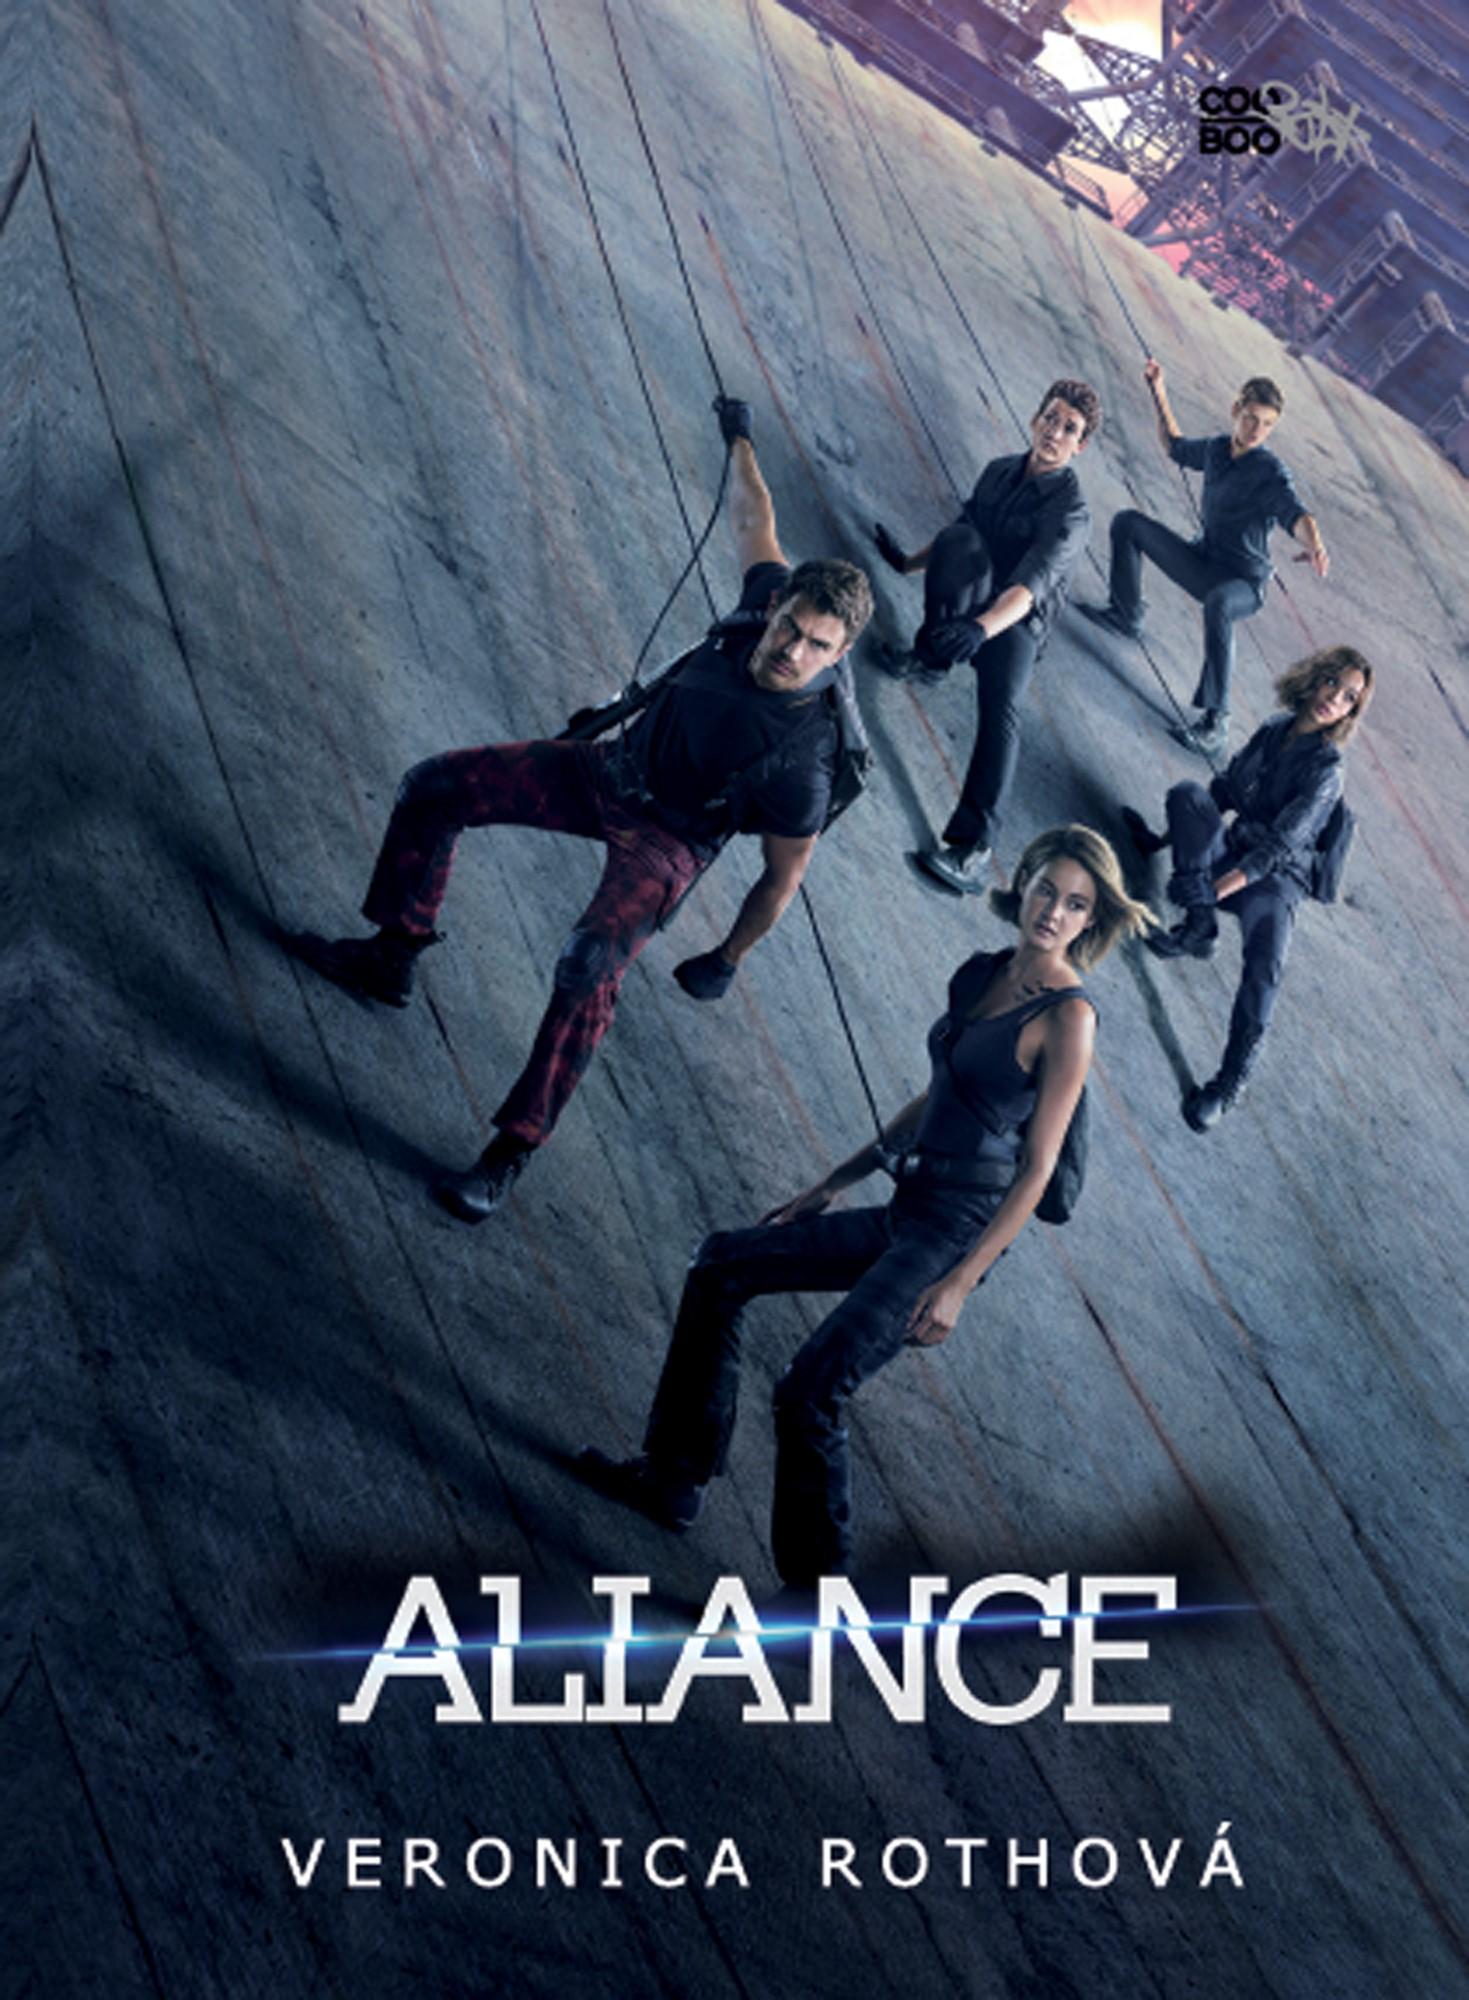 Aliance - filmové vydání | Veronica Rothová